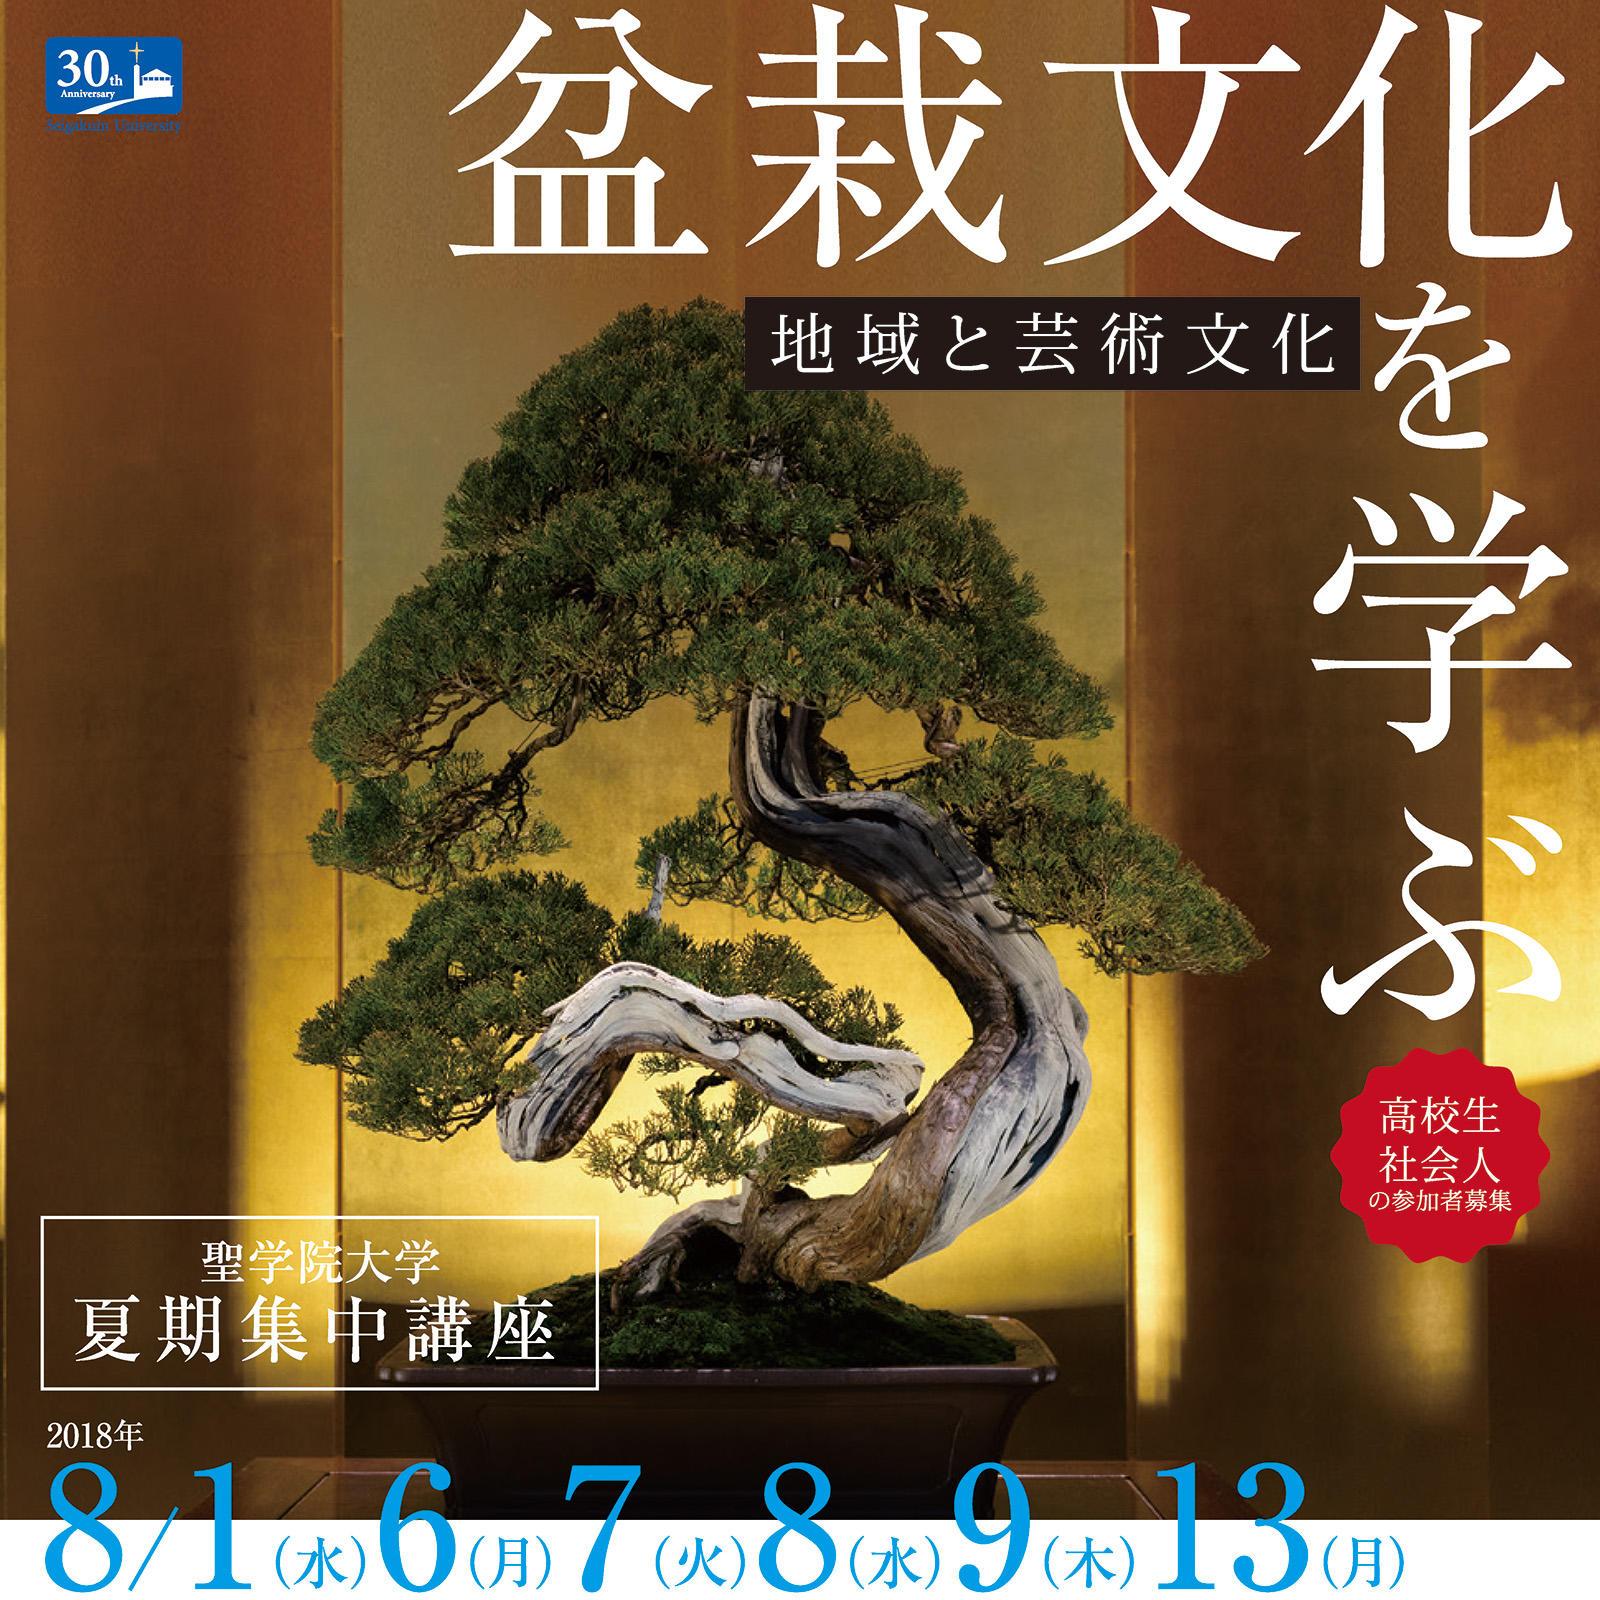 聖学院大学と大宮盆栽美術館がコラボ授業 夏期集中講座「盆栽文化を学ぶ」を開講~5年目を迎える今回は、埼玉県民の皆様も対象として開講します~